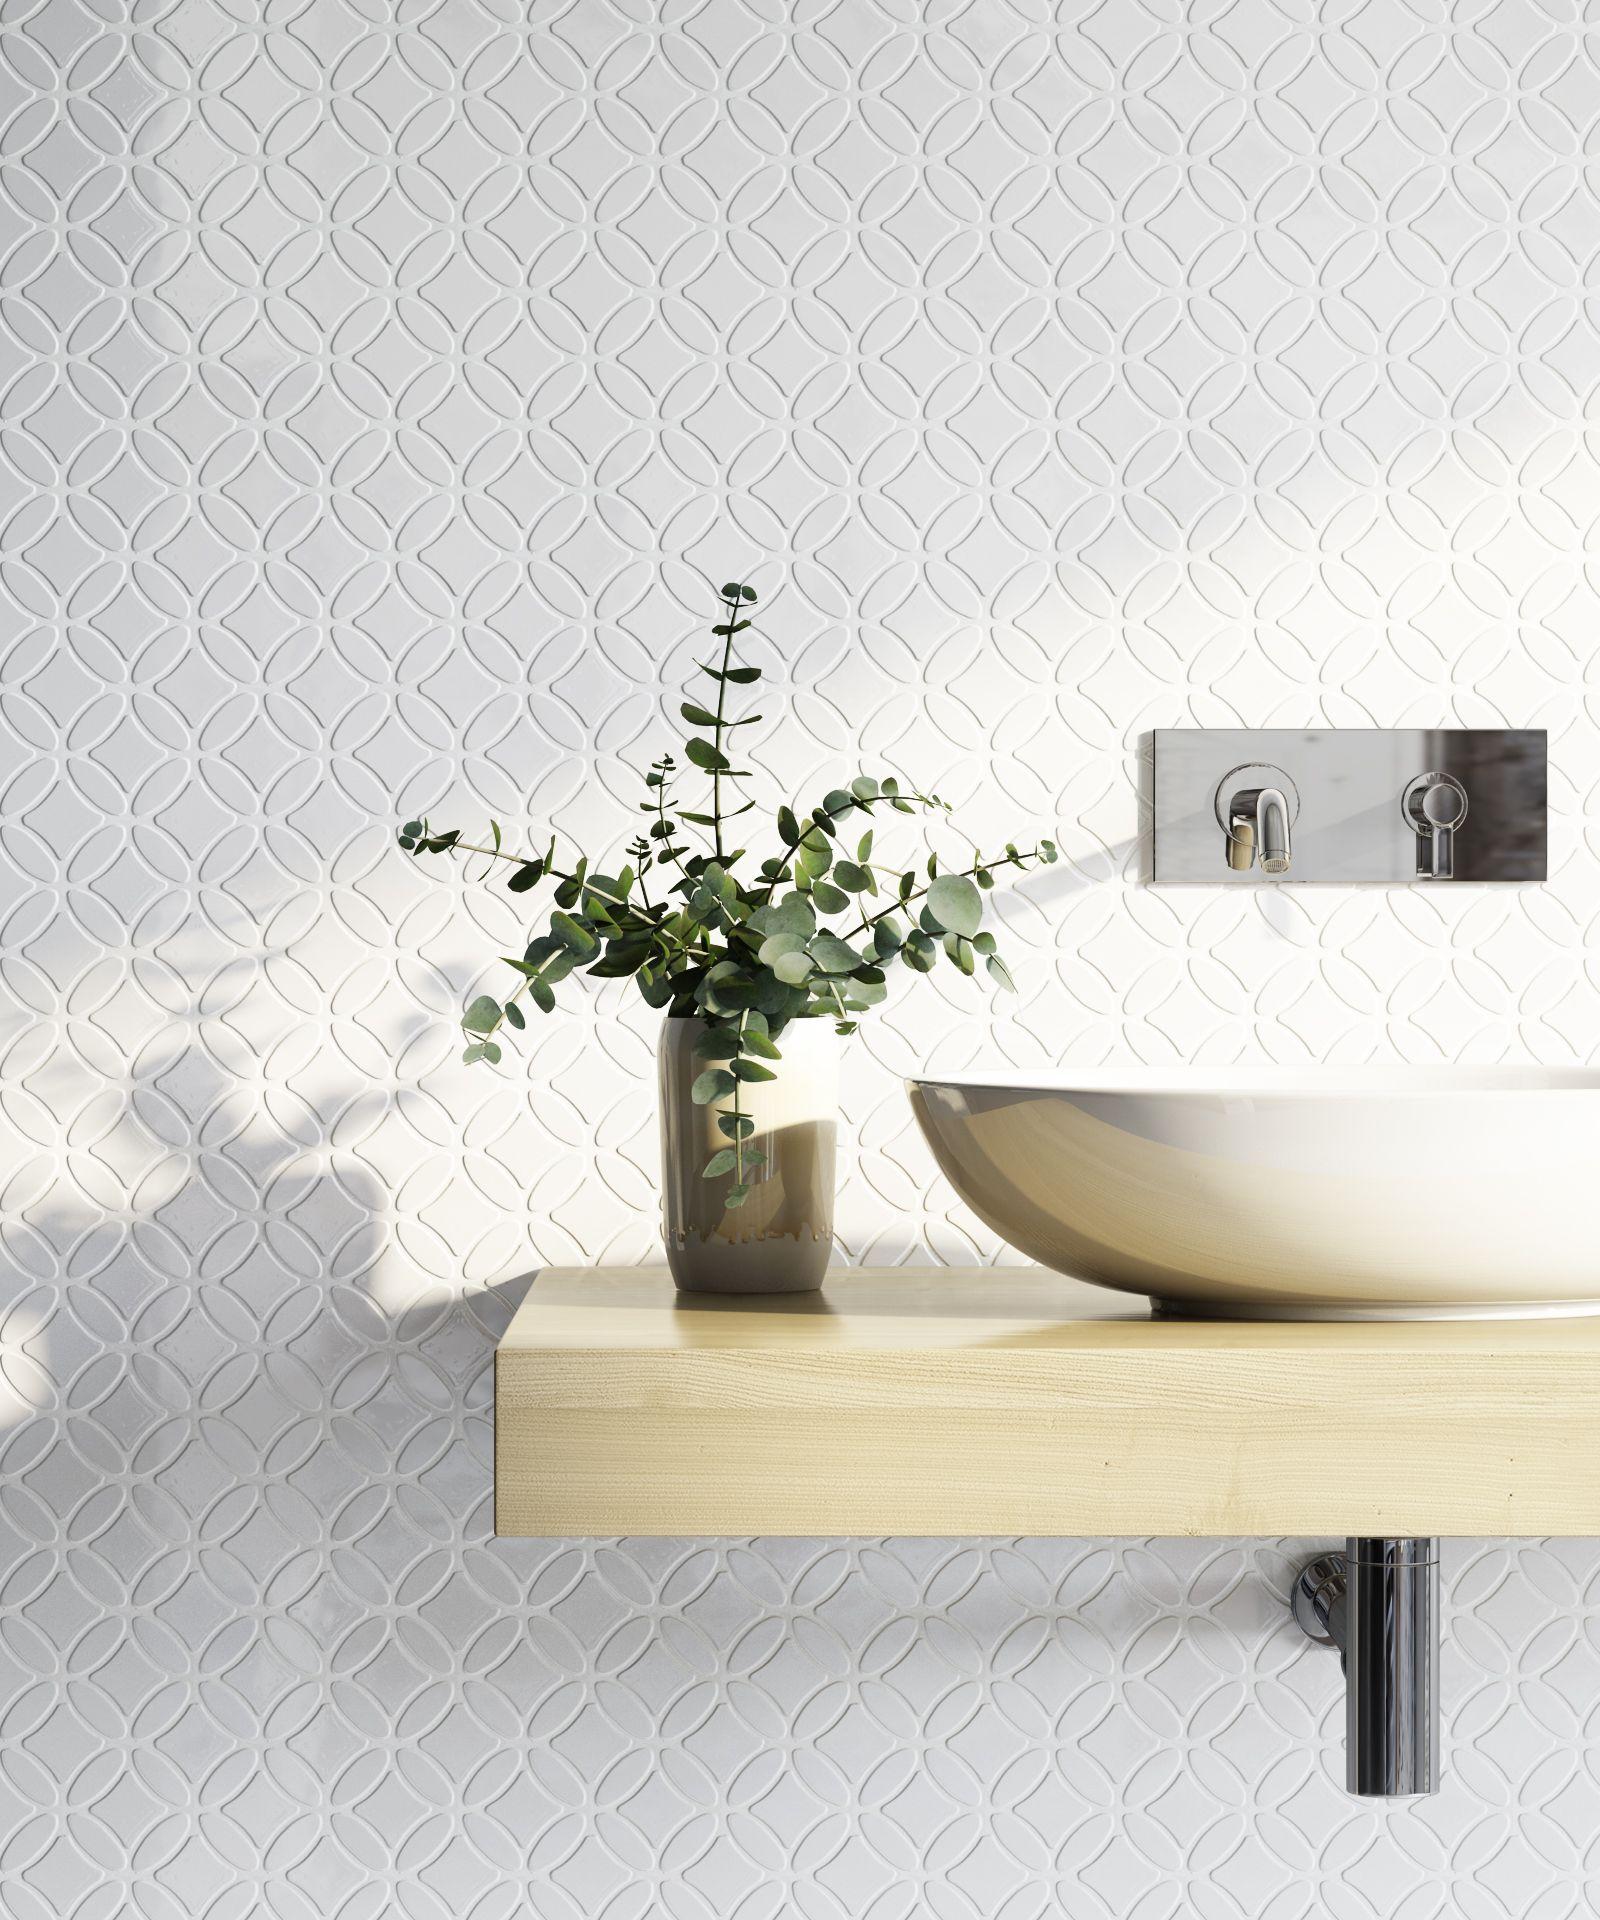 Pyrmont Gloss Round Mosaic White Tile Tilecloud Bathrooms Available Tilecloud Com Au Circle Tiles Tiles Penny Round Tiles